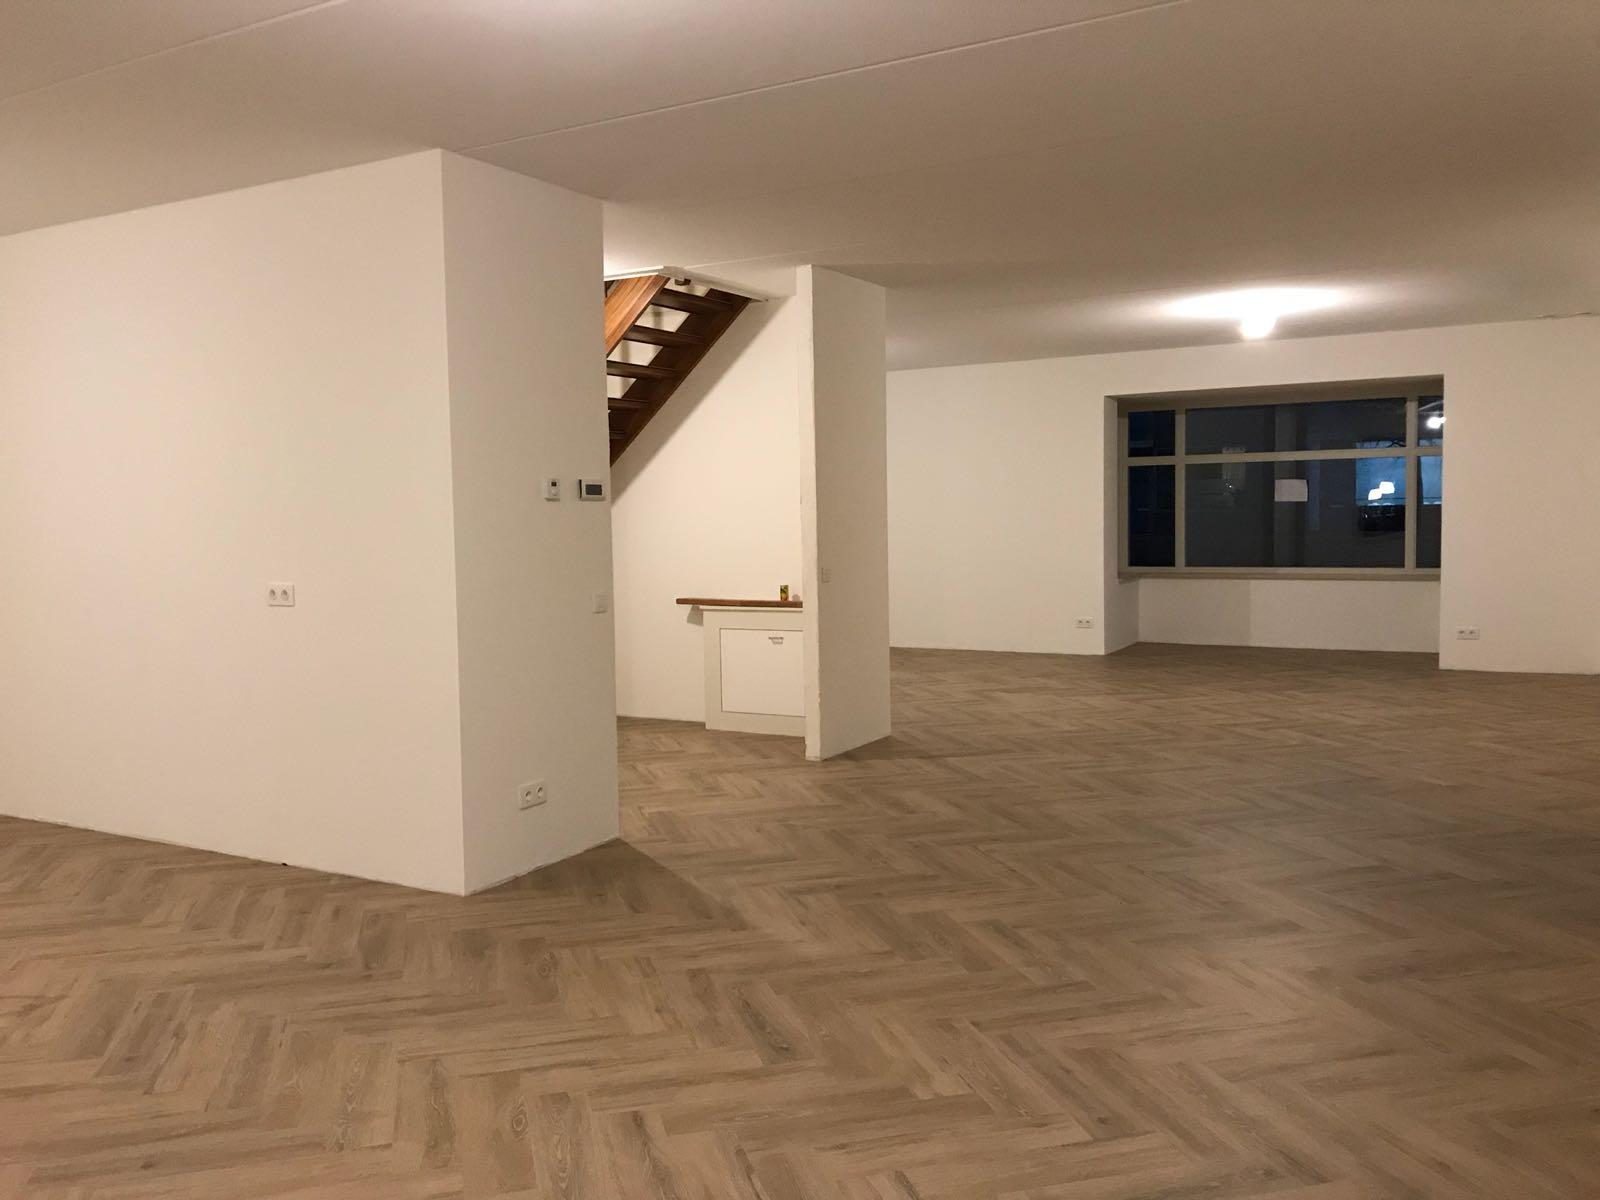 Vloer kopen zaandam vloeren kopen bij hornbach nieuwe vloer